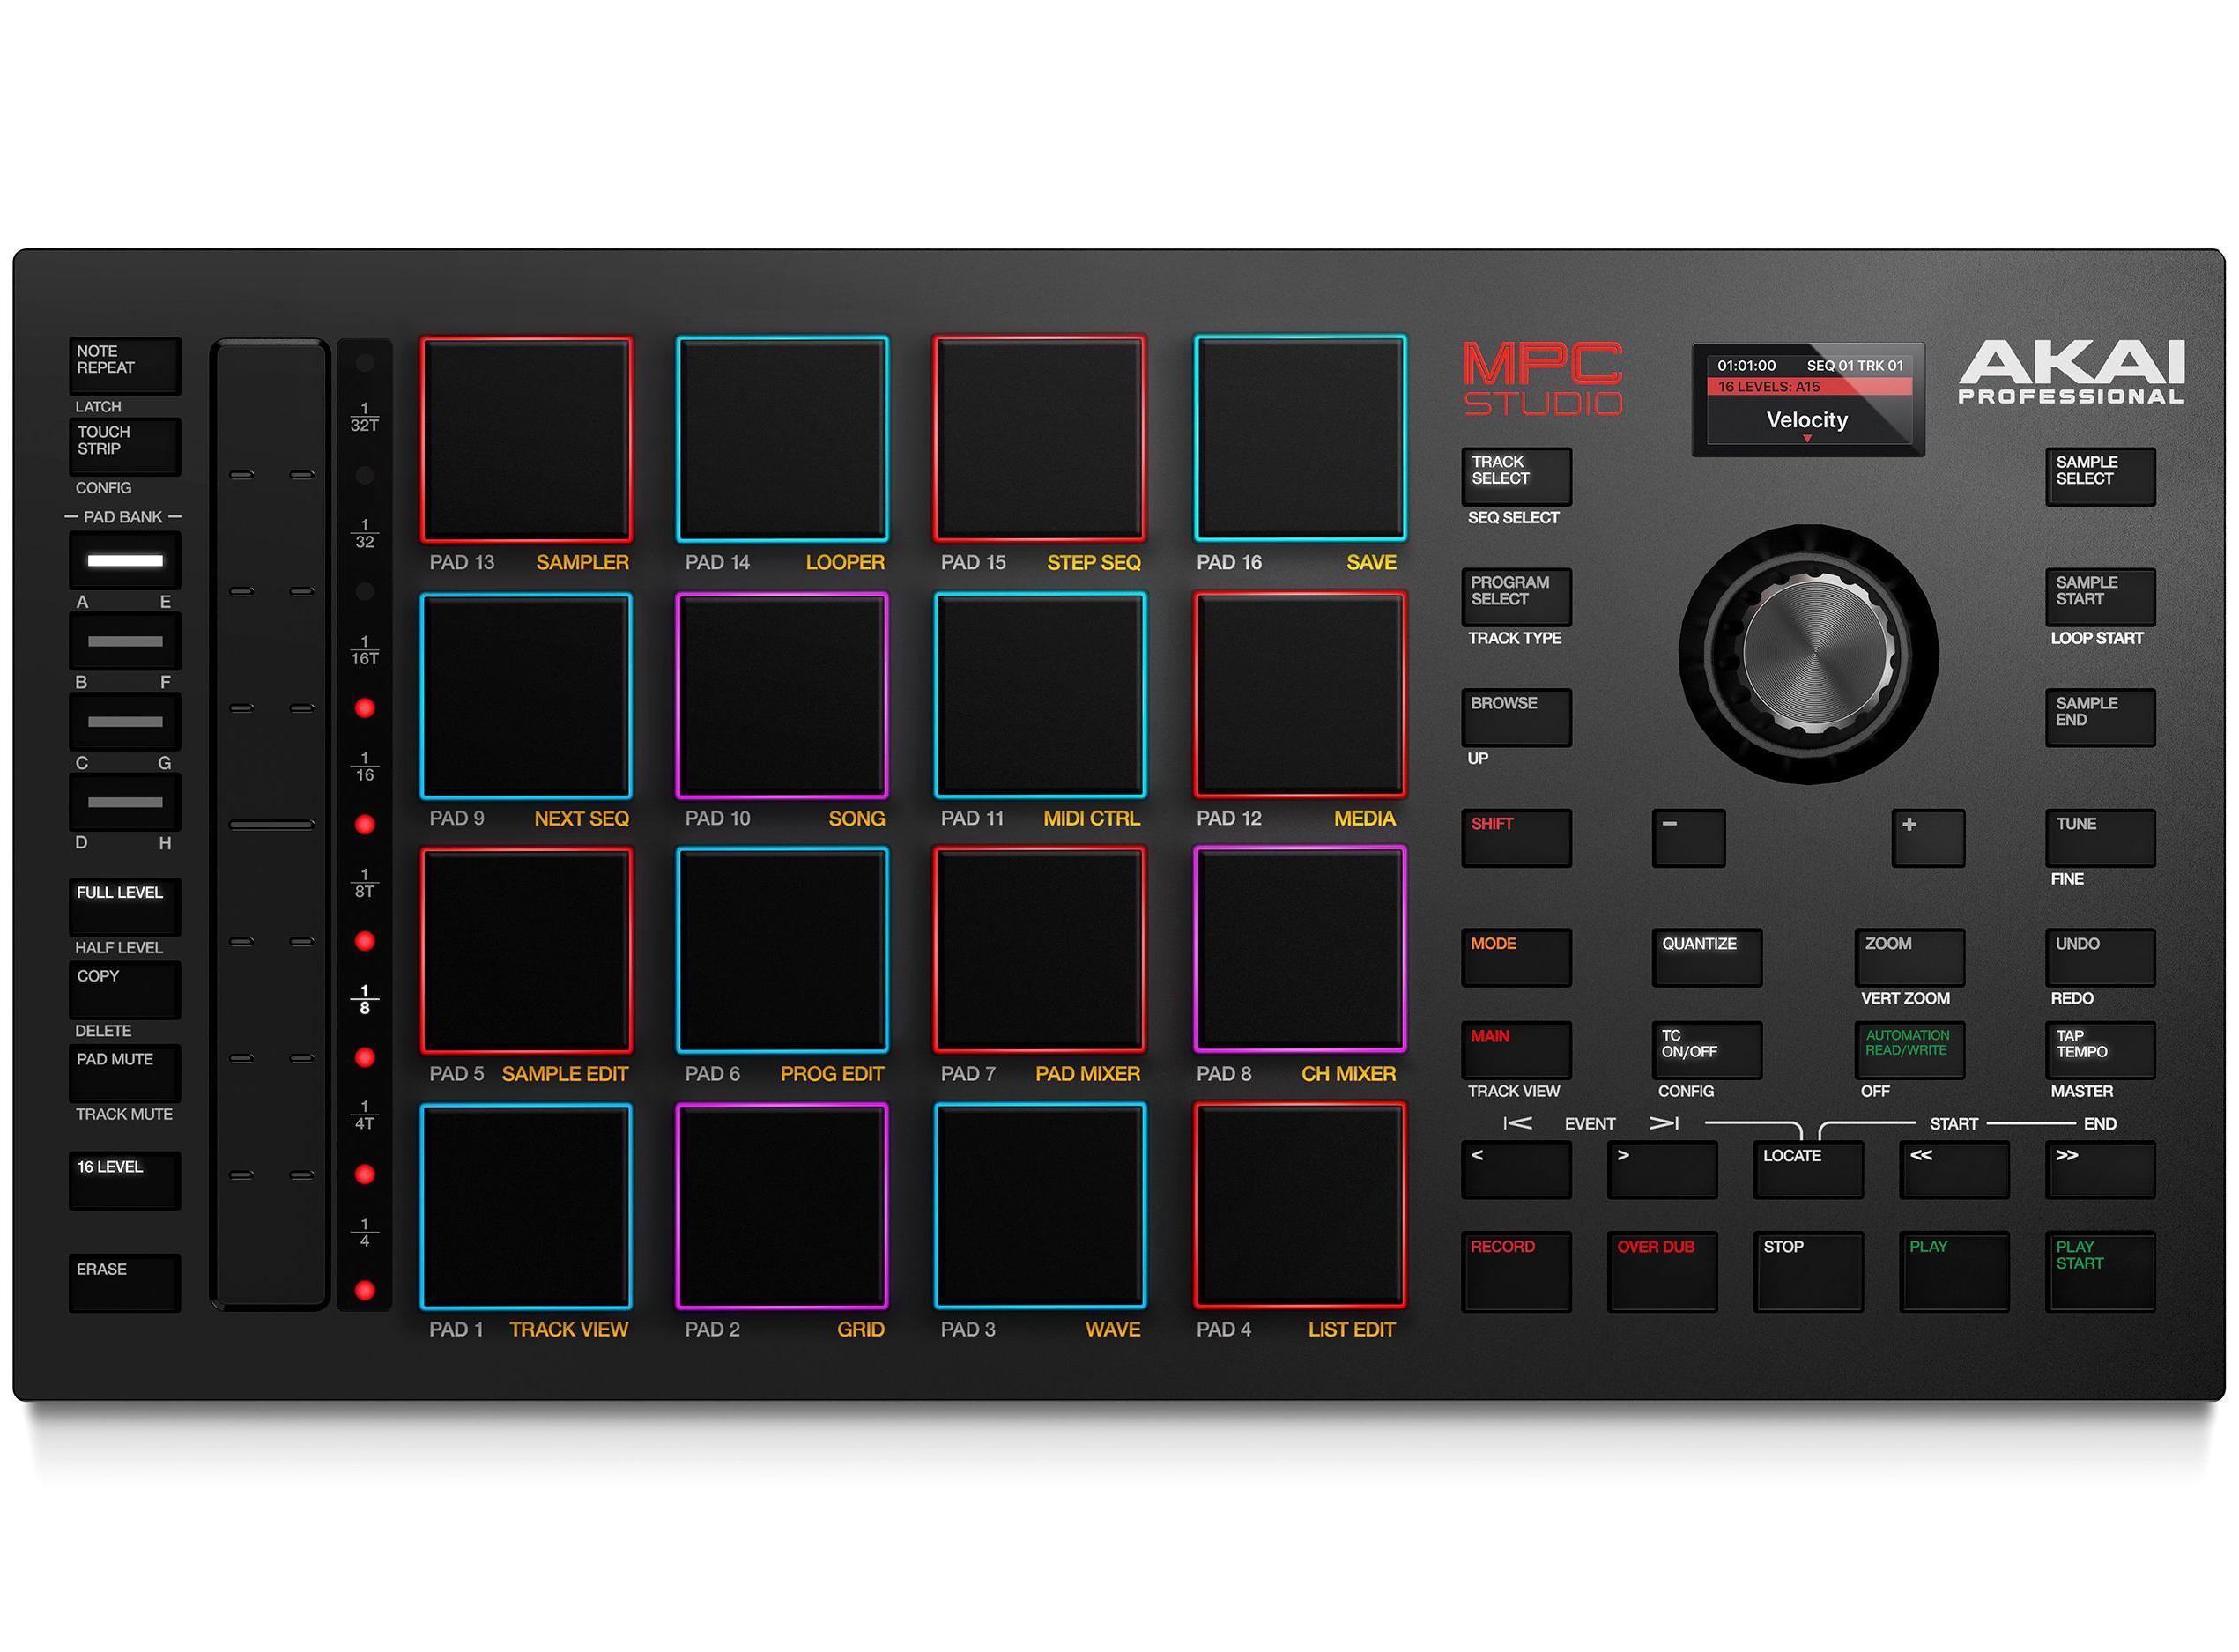 Akai MPC Studio - MIDI Controller